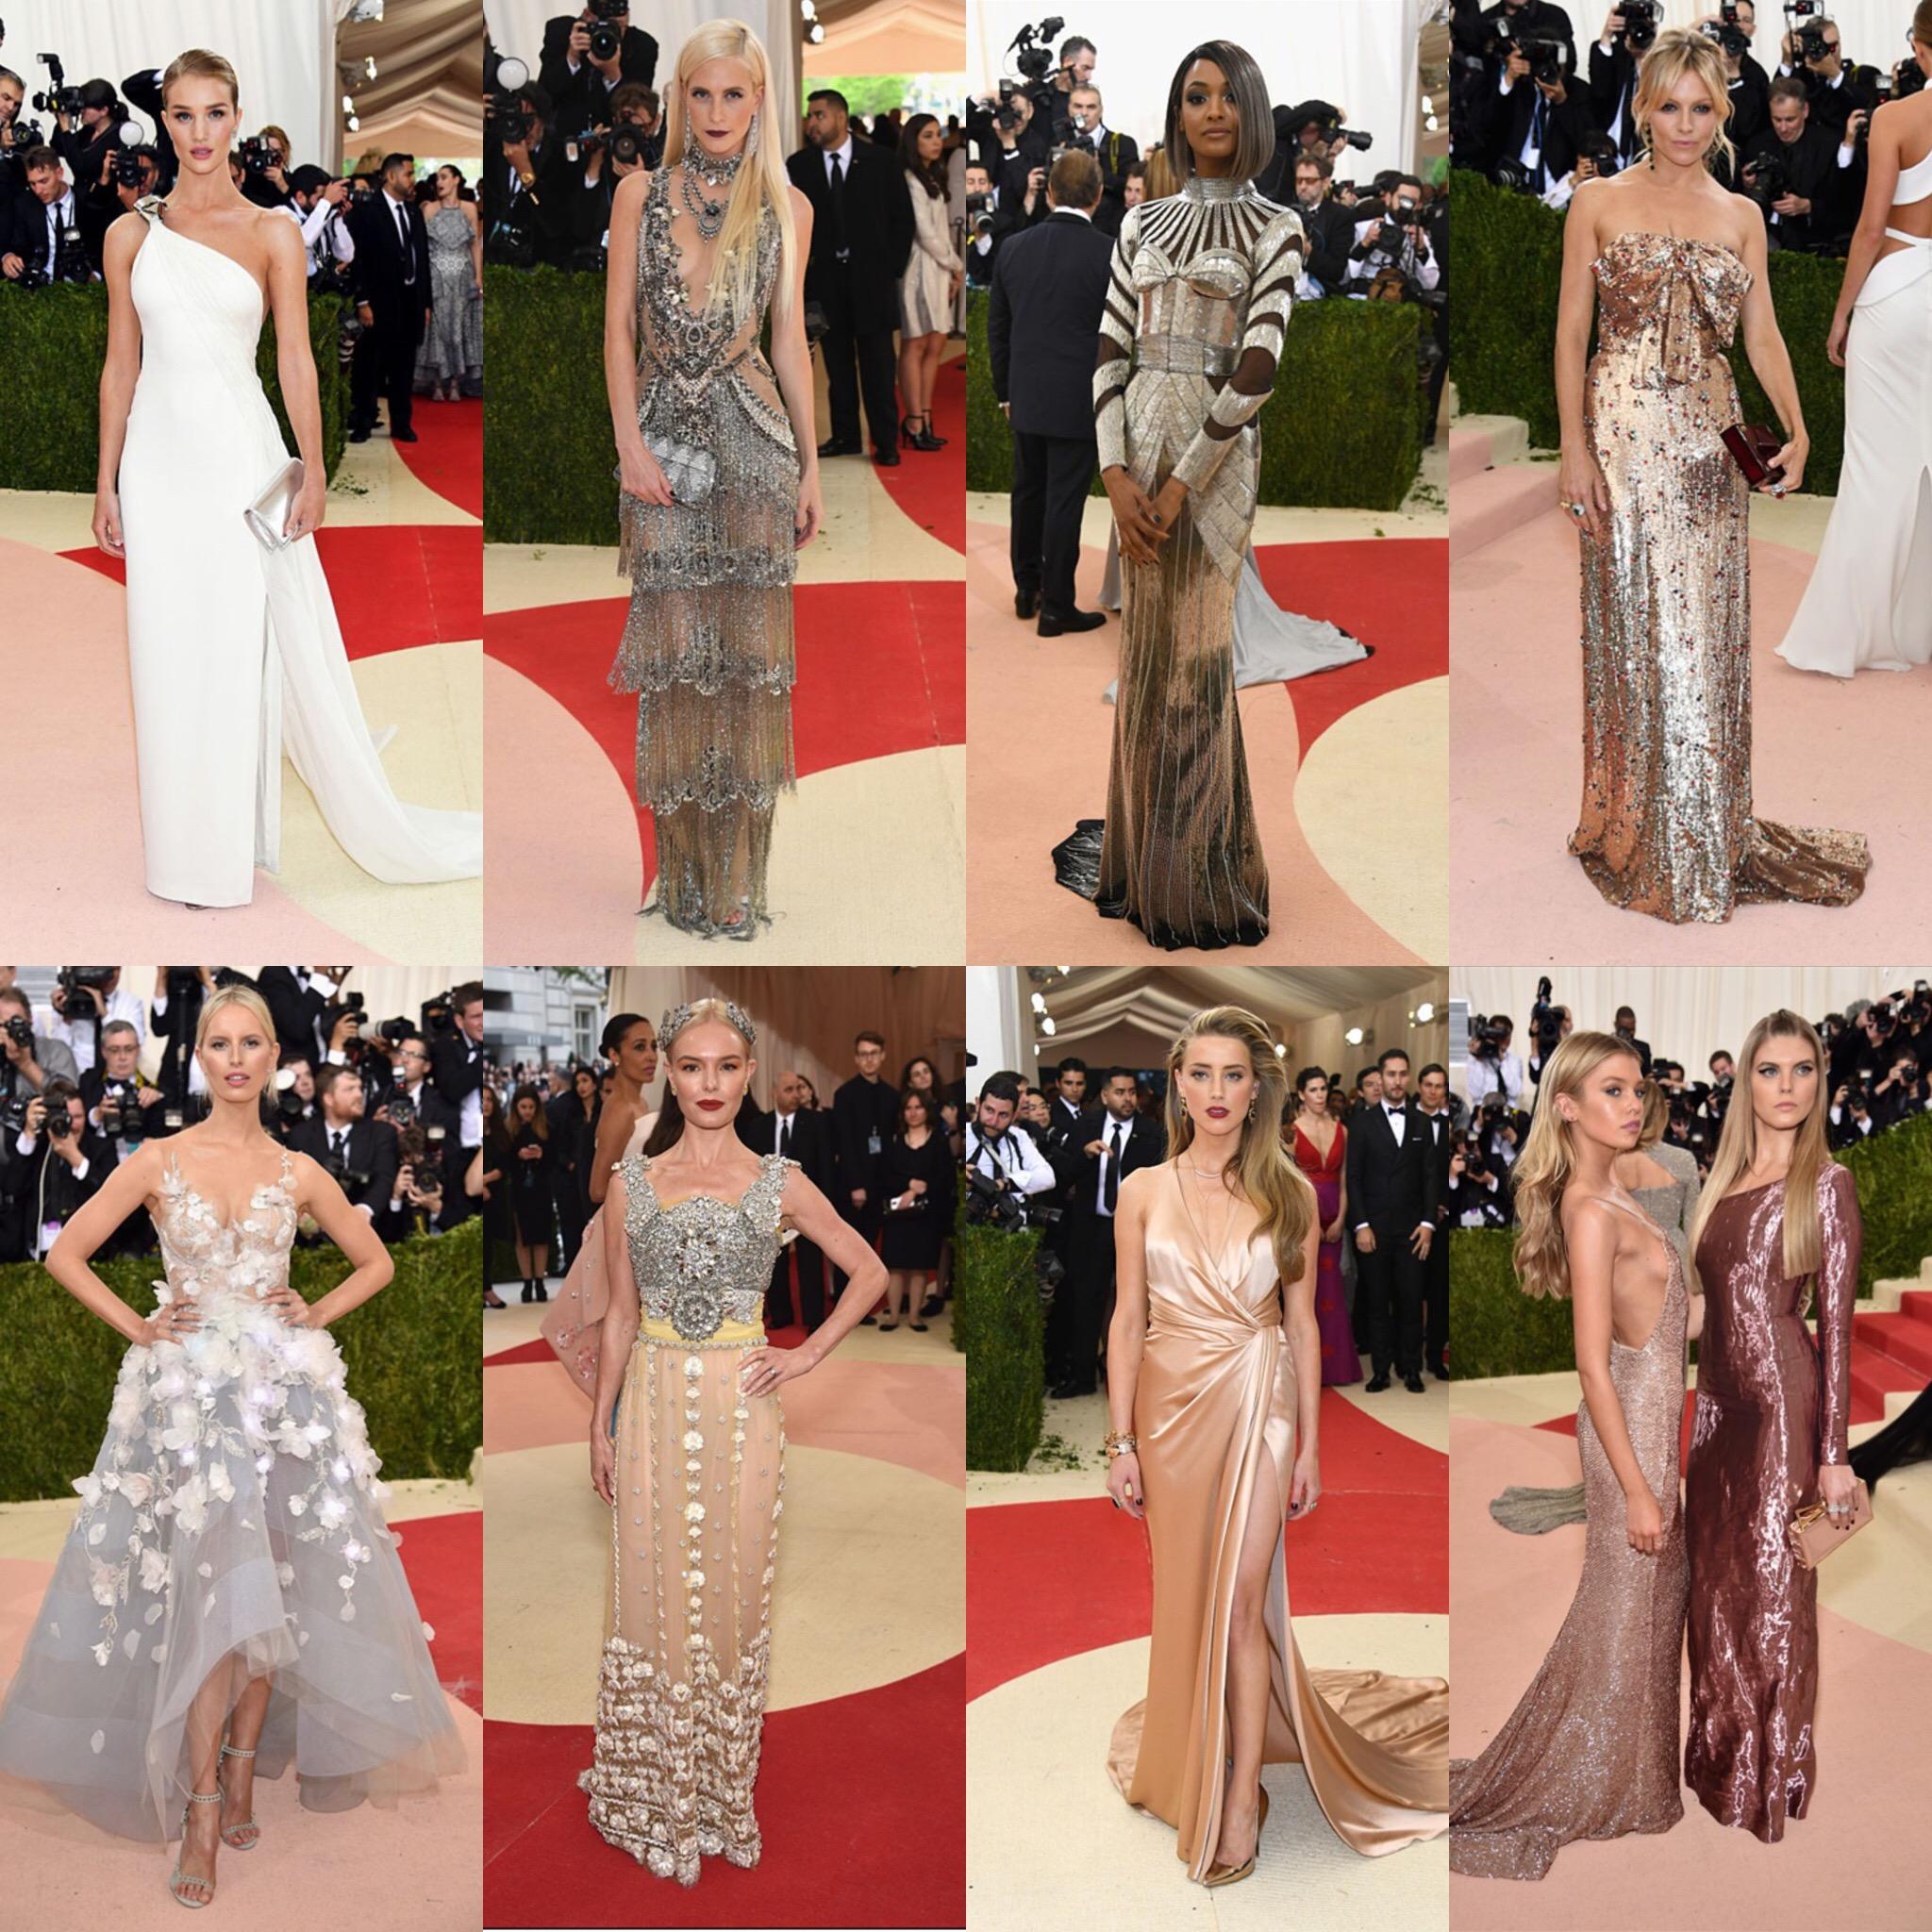 Shine look met gala 2016